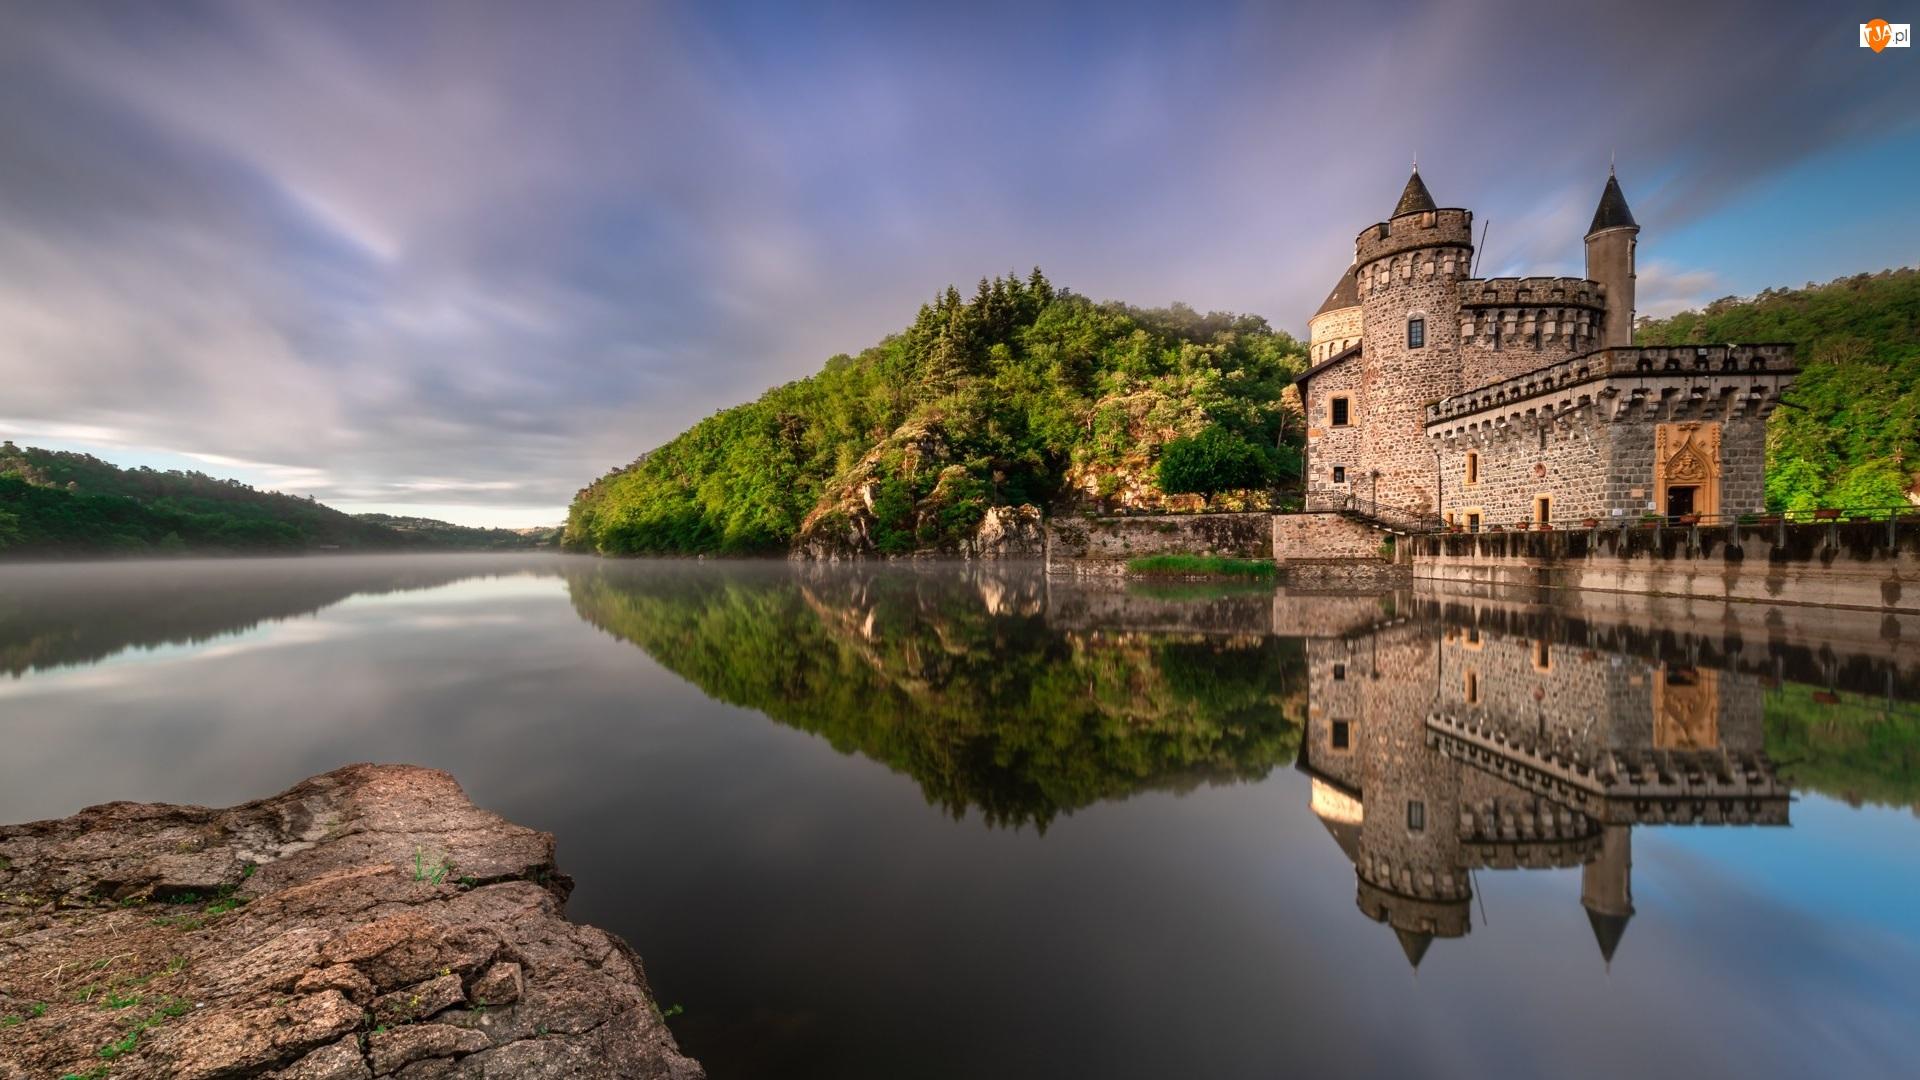 Francja, Mur, Region Owernia-Rodan-Alpy, Chmury, Zamek La Roche, Baszta, Mgła, Jezioro, Drzewa